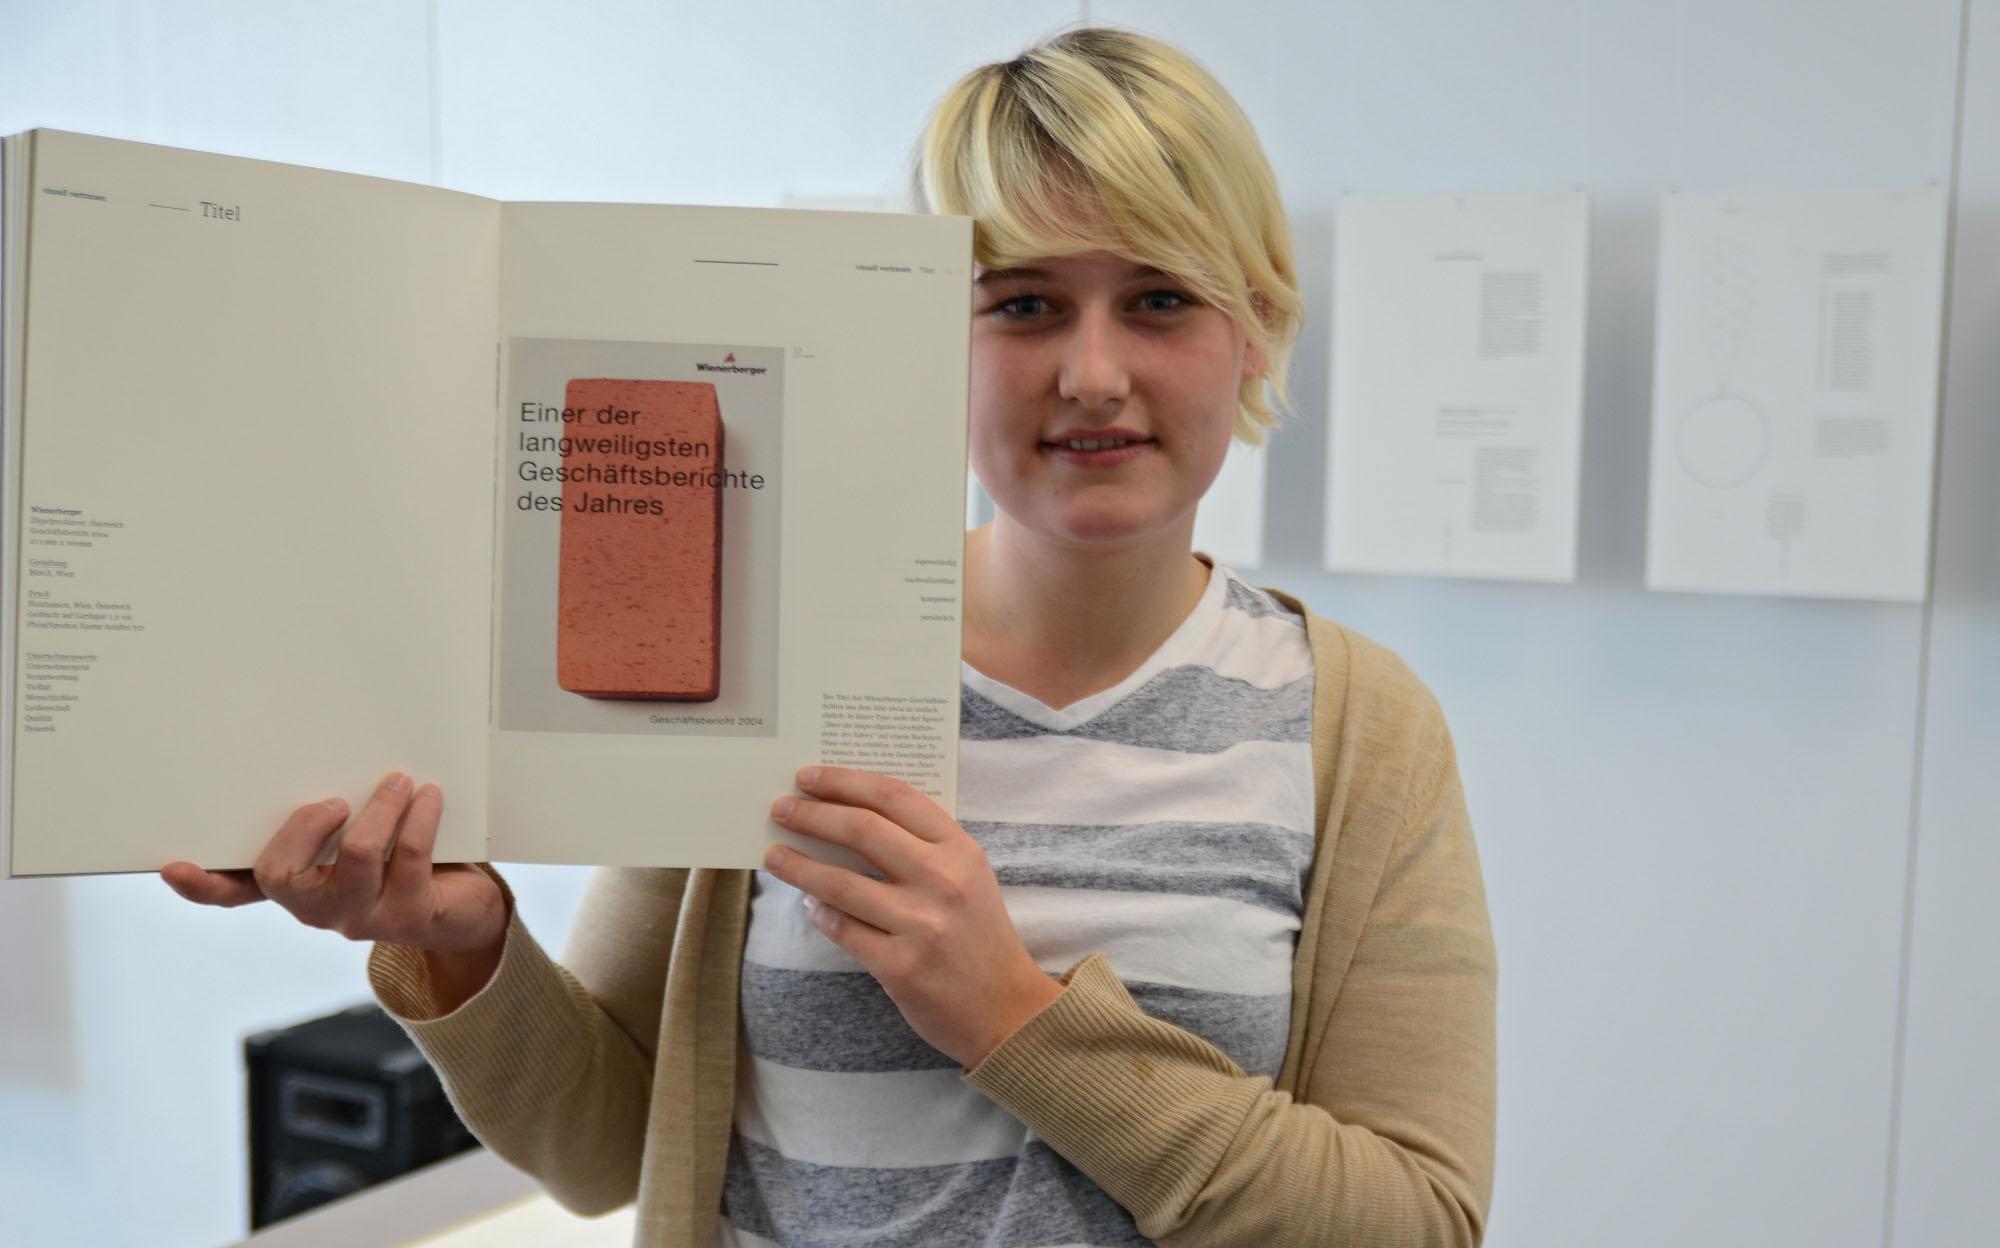 """Vertraut: Katharina Ripperda interessieren die Kriterien für visuelle Vertrauenswürdigkeit; im Buch """"Traute"""" stellt sie diese für Geschäftsberichte zusammen."""